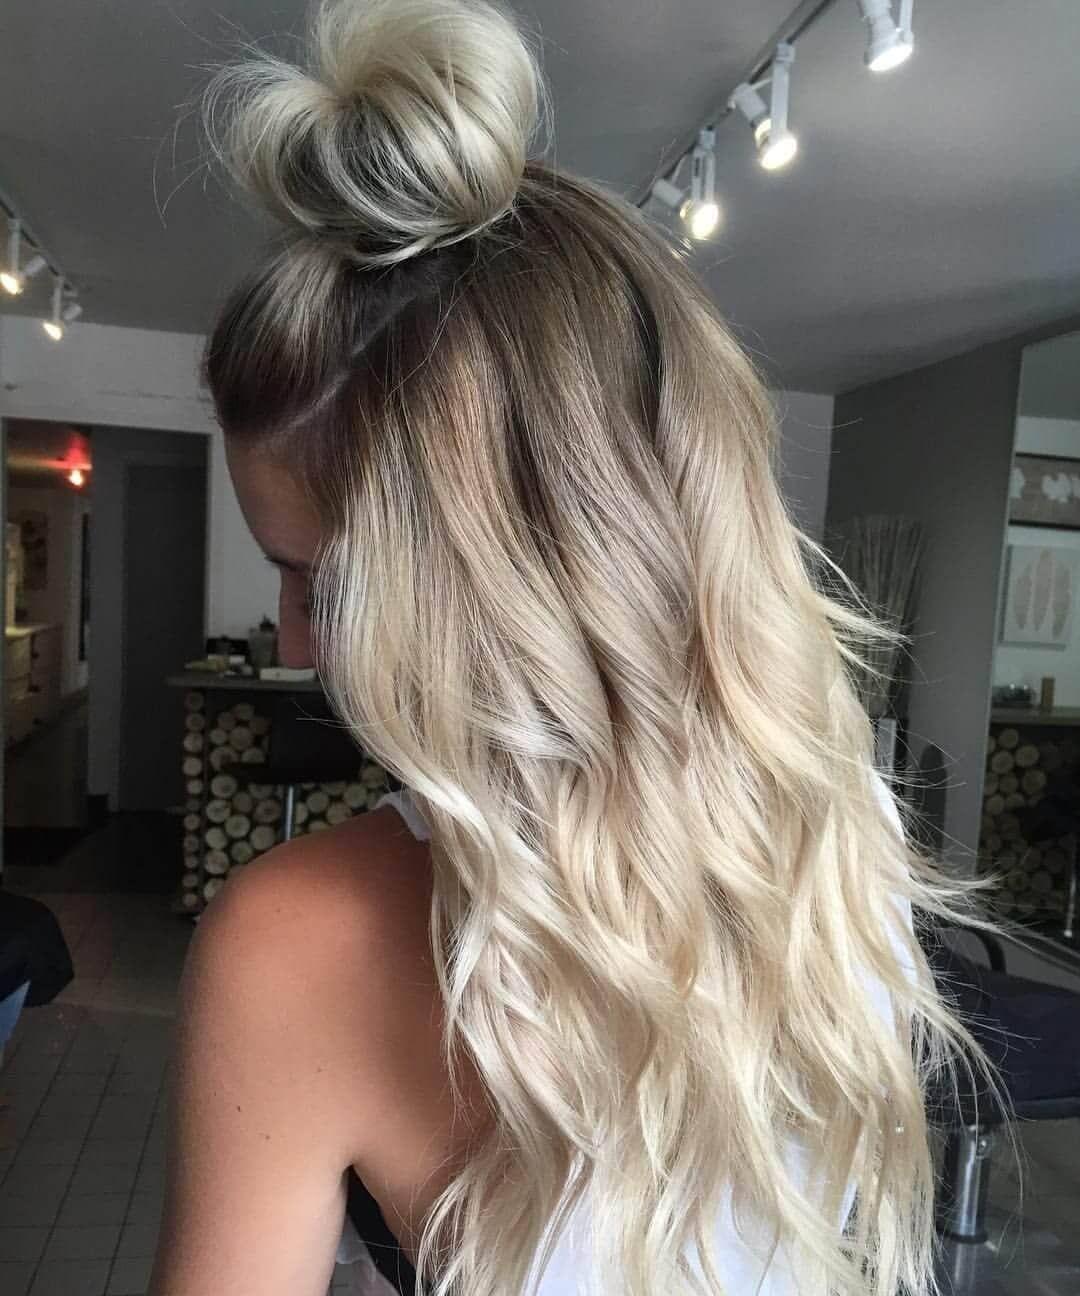 50 Beweise, dass jeder die blonde Ombre Frisur abziehen kann #blondeombre